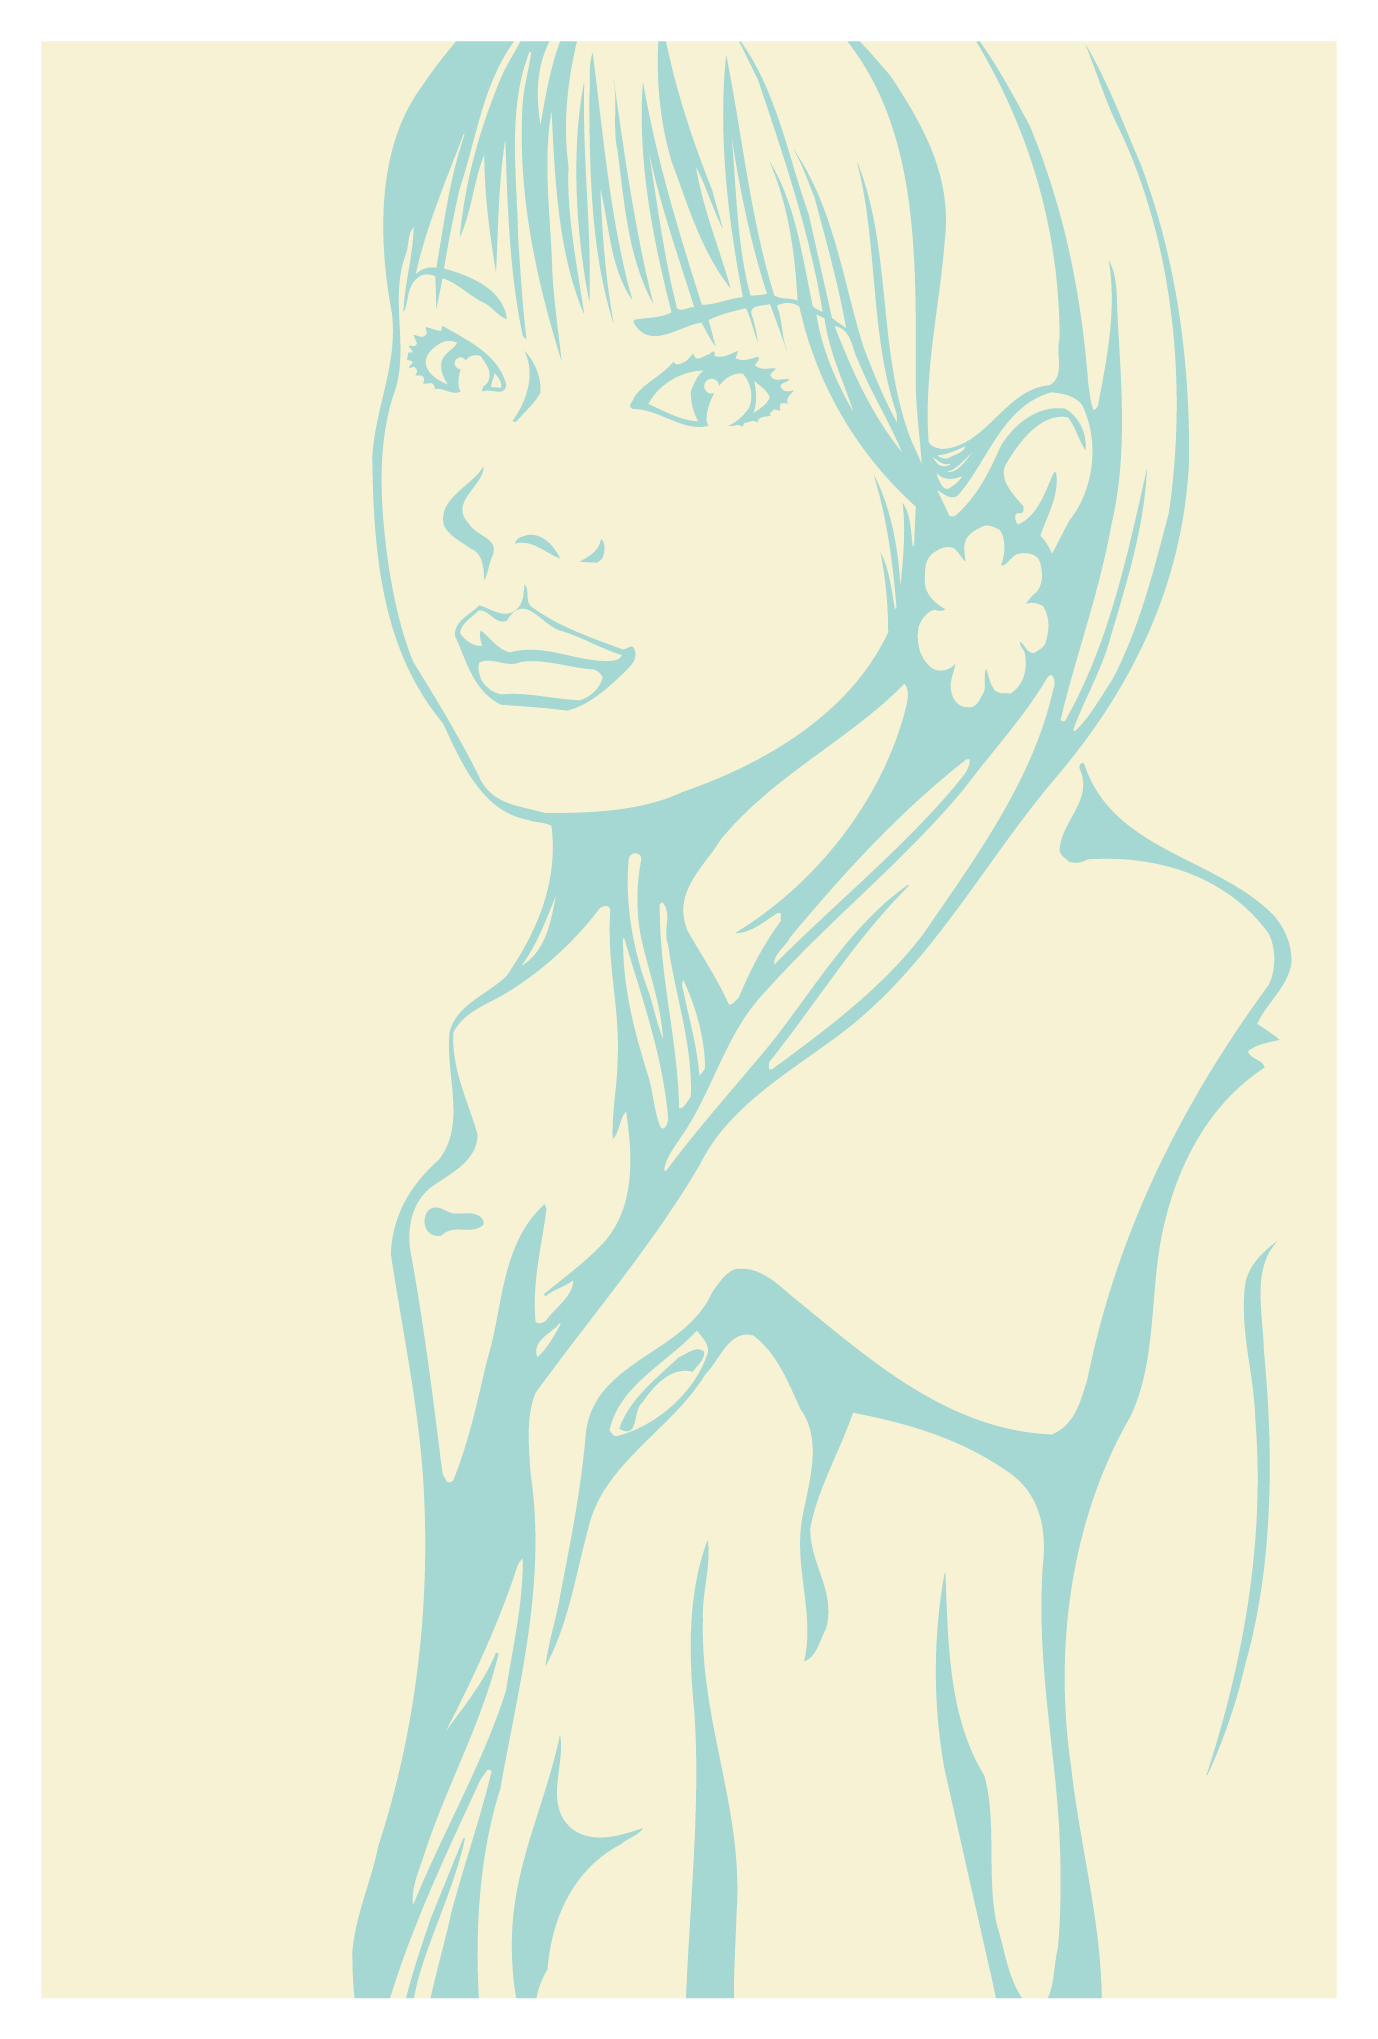 ポストカード19:Girl 7のダウンロード画像